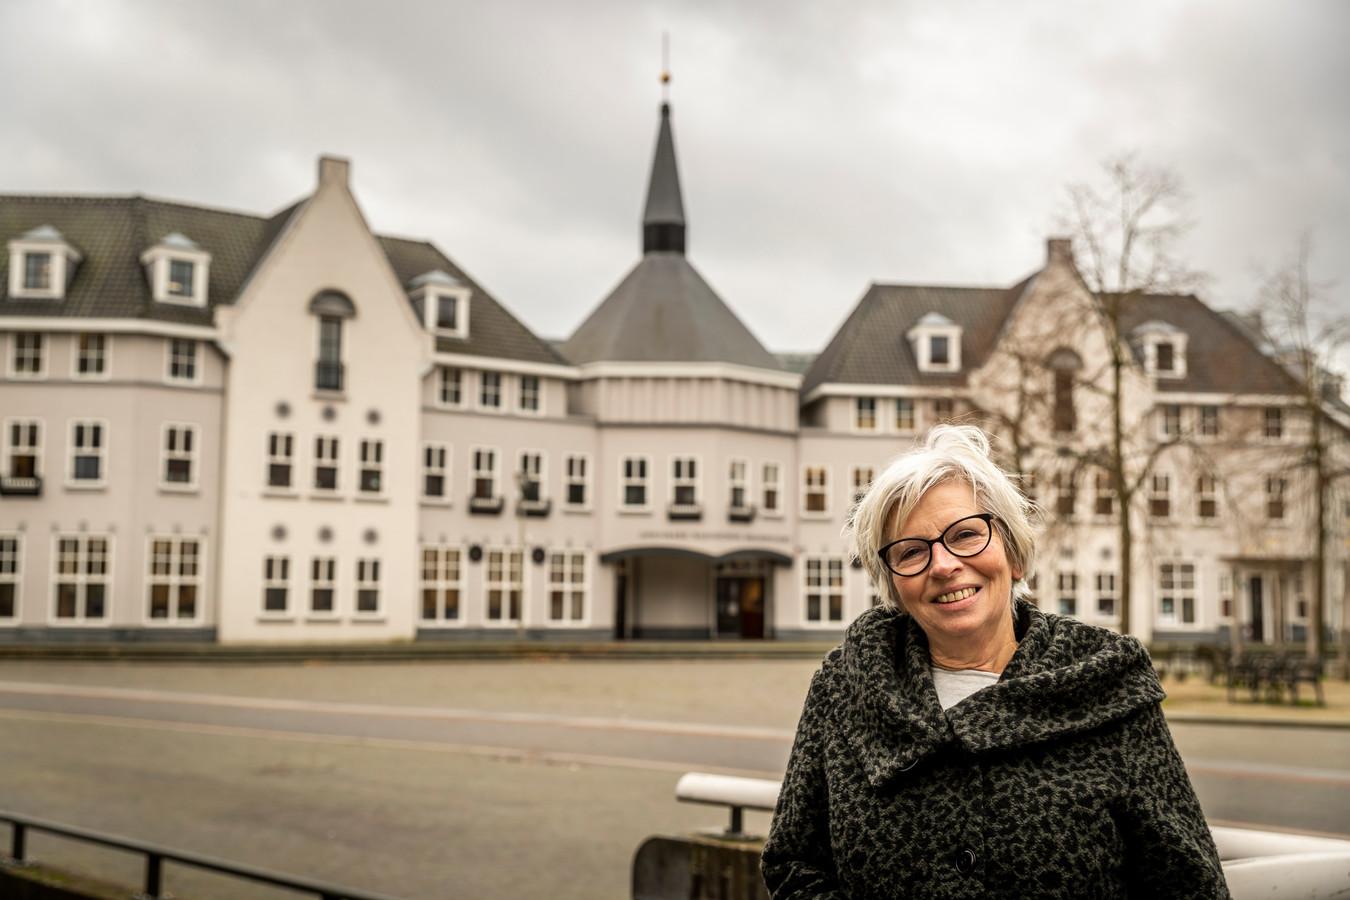 Marijke Gosling heeft in 40 jaar stadsontwikkeling bij de gemeente Helmond ook een flinke vinger in de pap gehad bij de totstandkoming van de wijk Brandevoort.